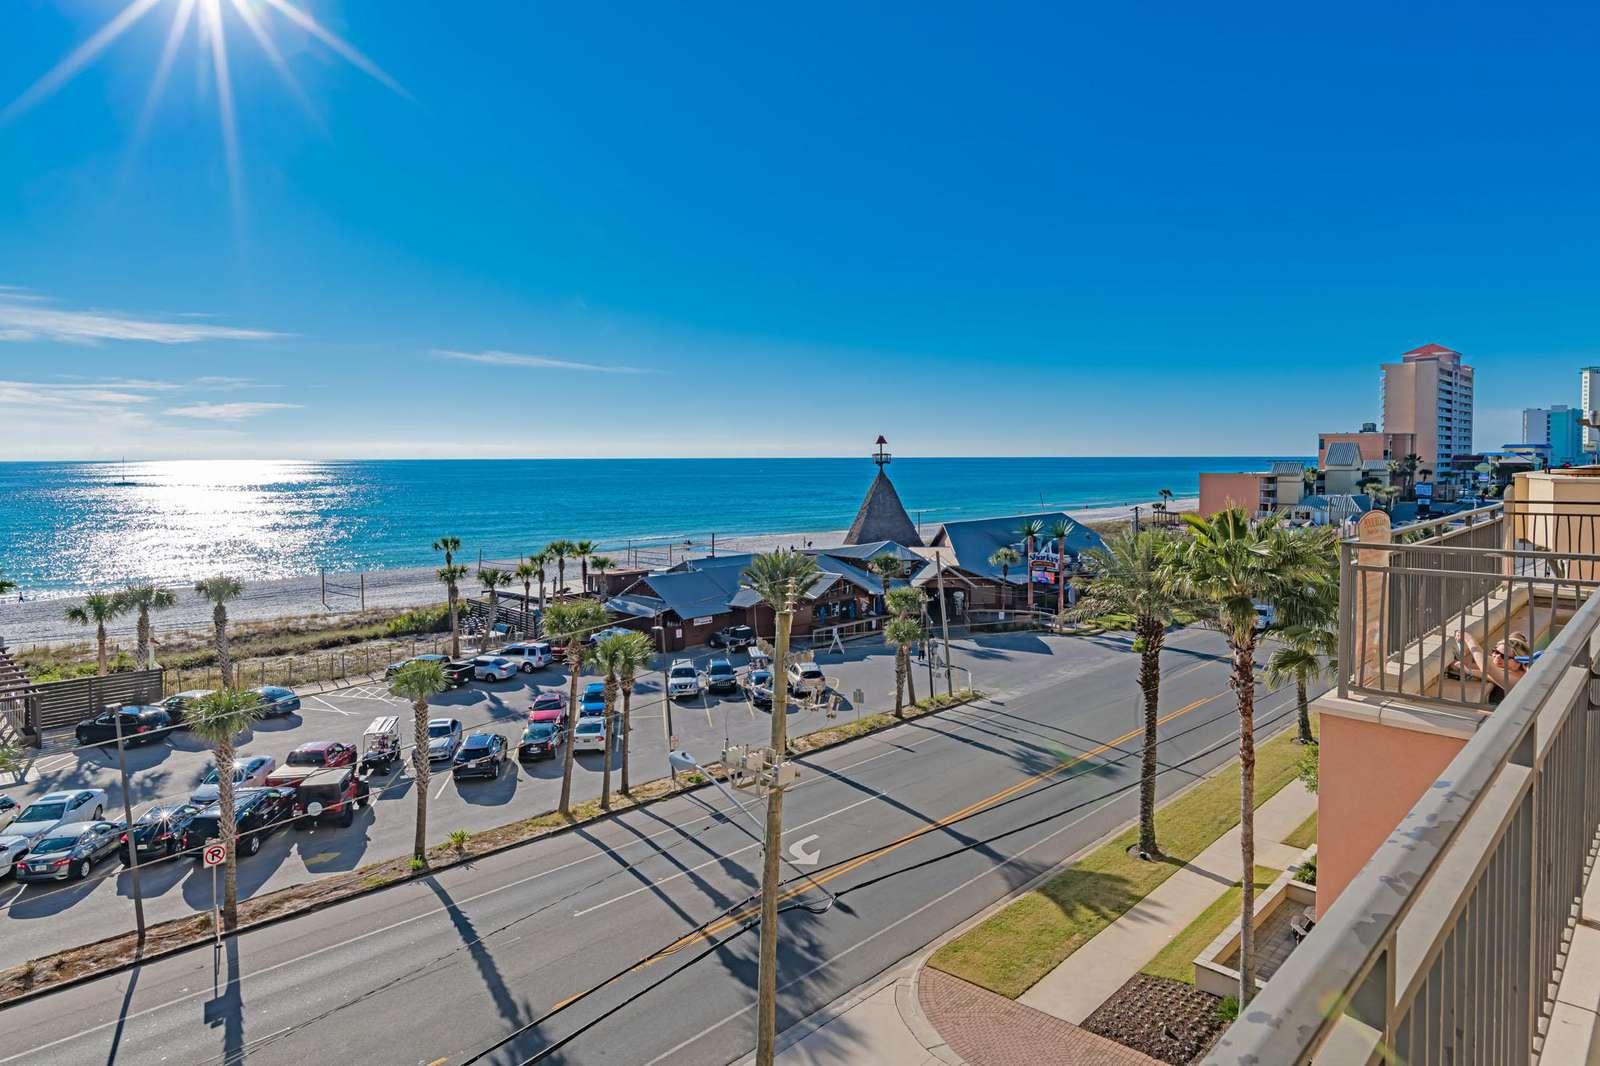 Skarky's Beachfront Restaurant across the street!